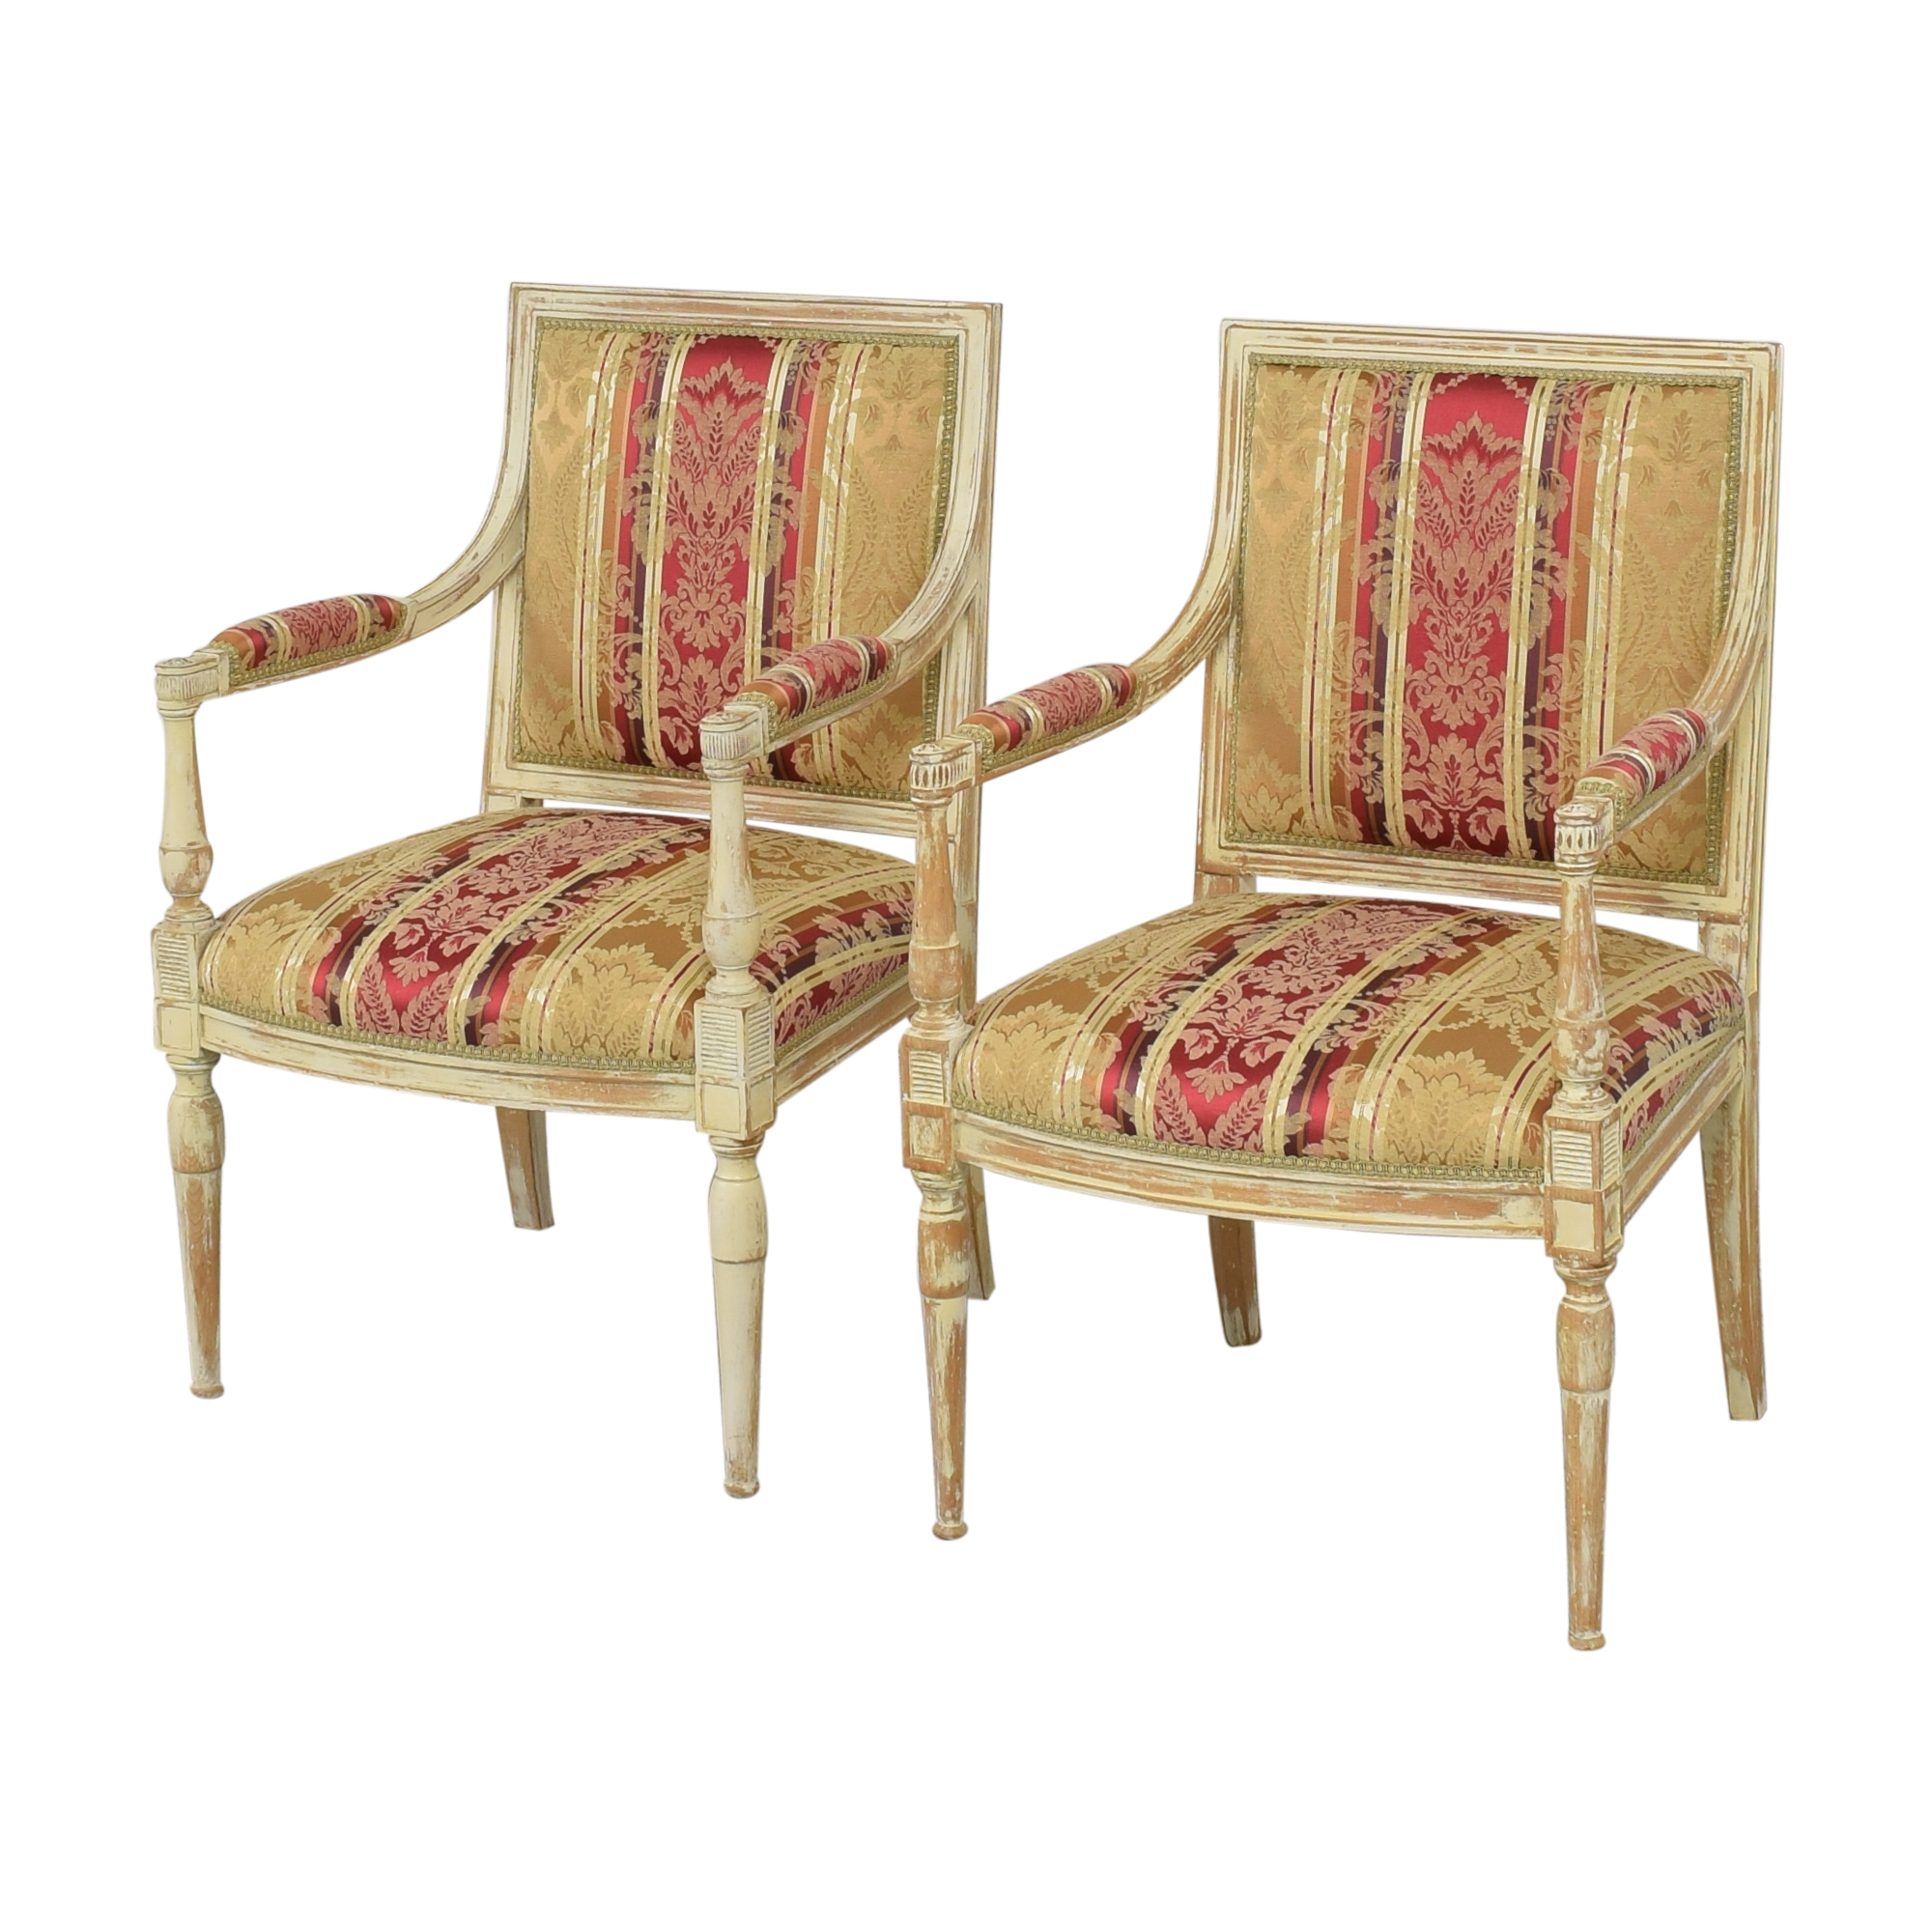 ABC Carpet & Home Louis XVI Style Chairs ABC Carpet & Home